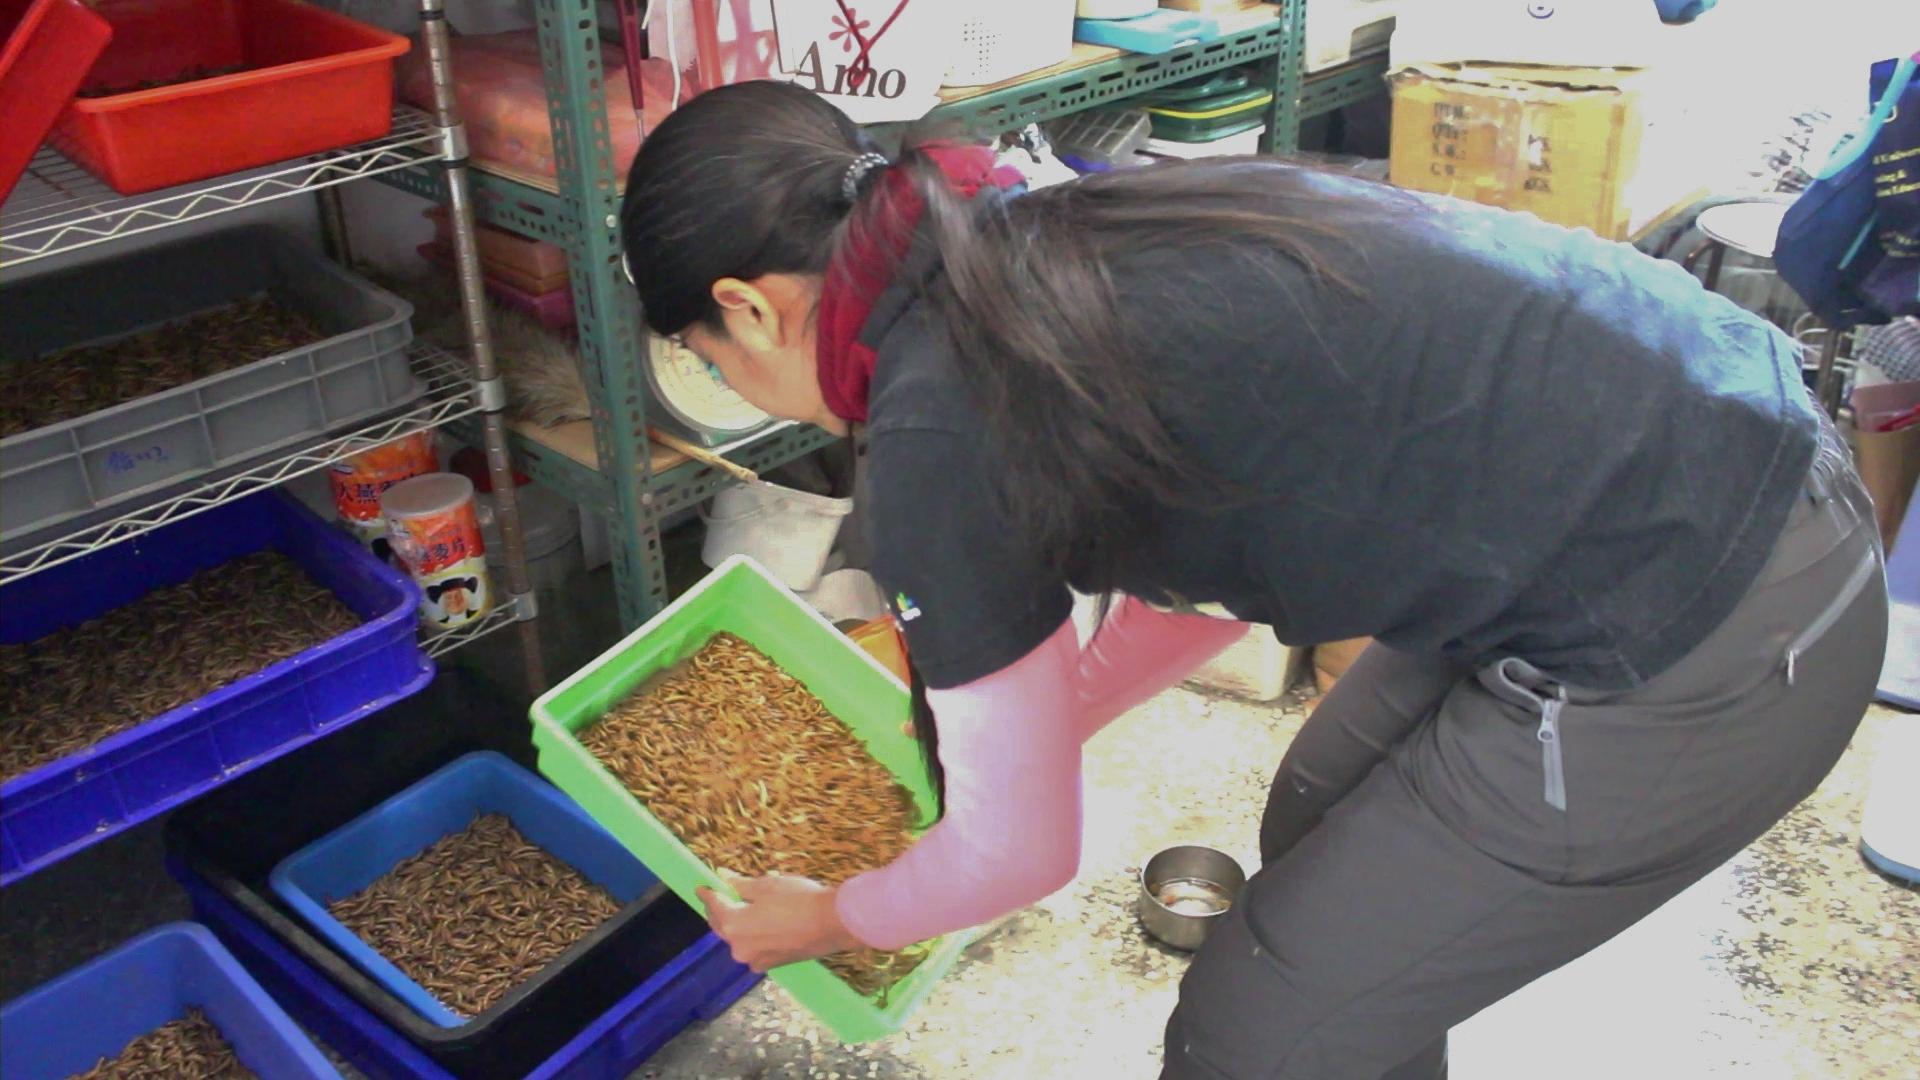 志工們依據鳥種不同搬取要餵食傷鳥的食物。 攝影/吳冠輝